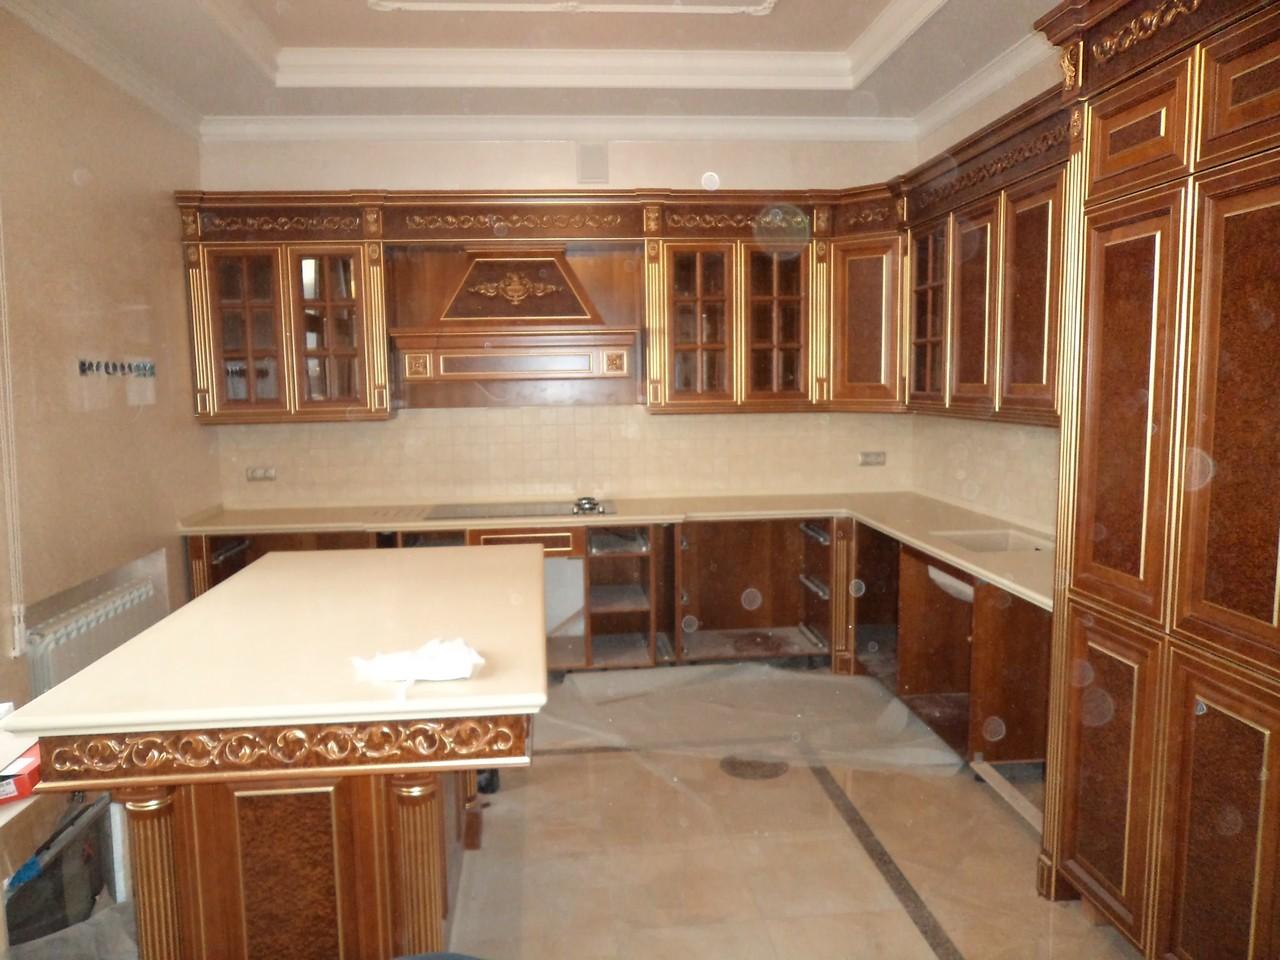 Столешницы для кухни и мойка из искусственного камня